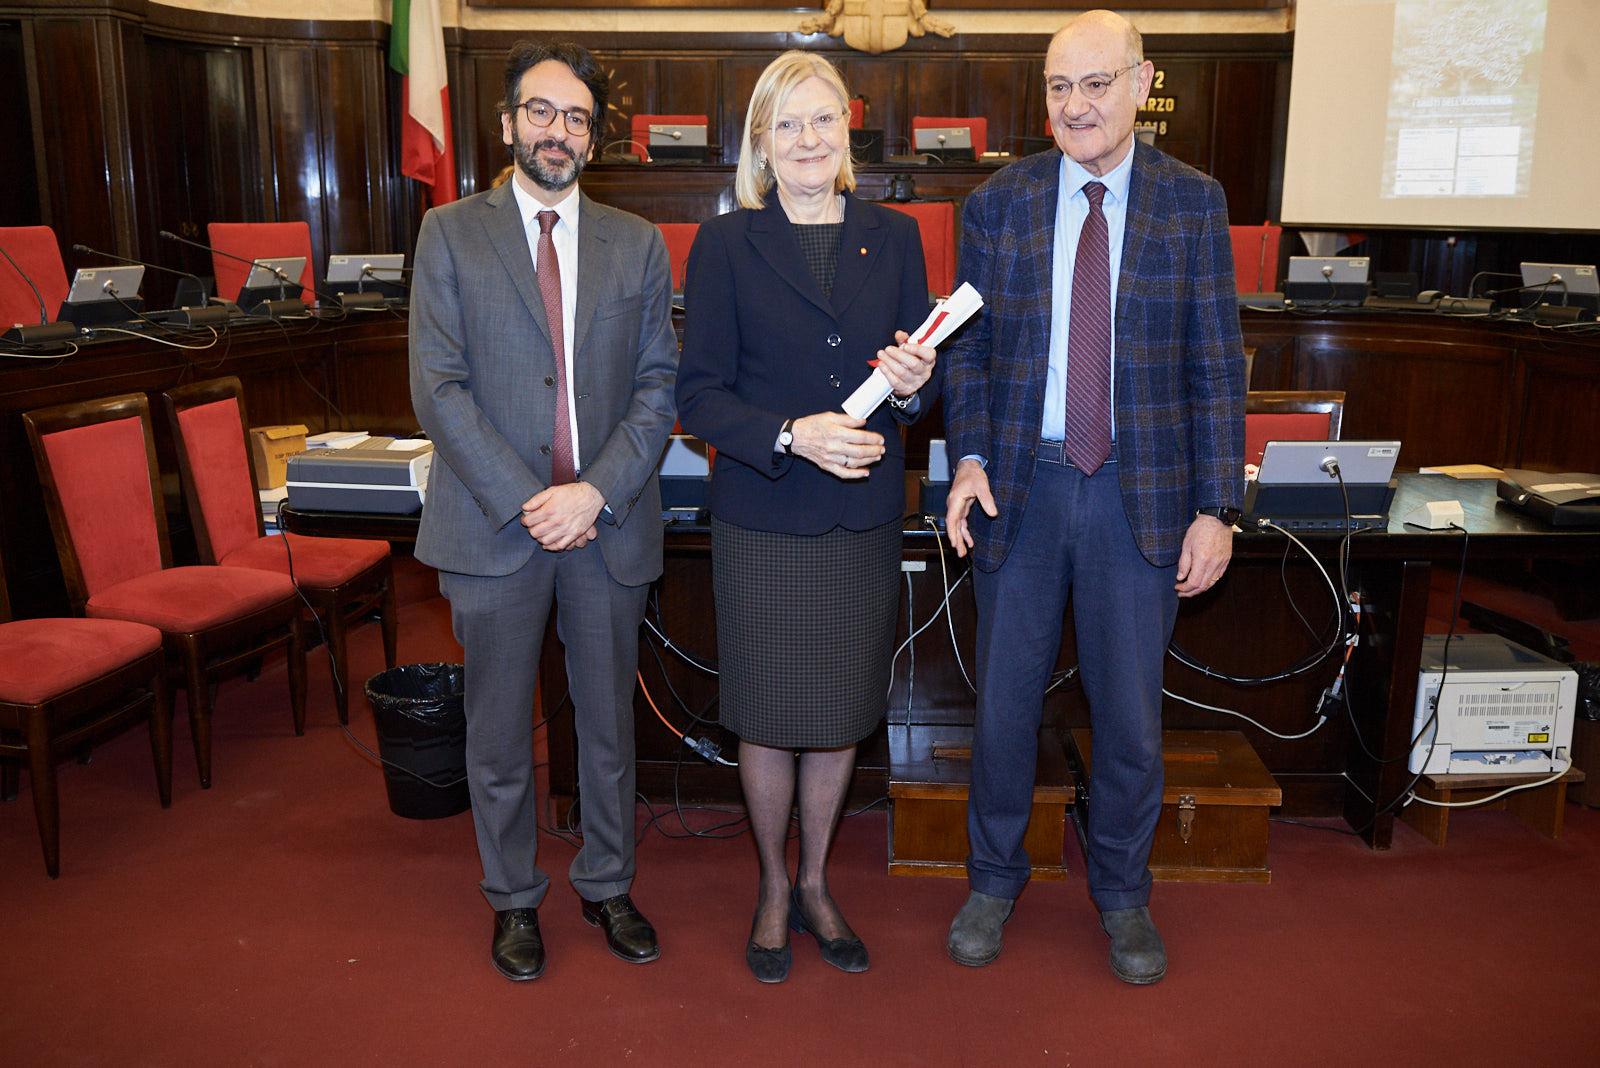 Silvia Rivetti picks up the parchment for her grandfather, Gen. Guglielmo Barbò